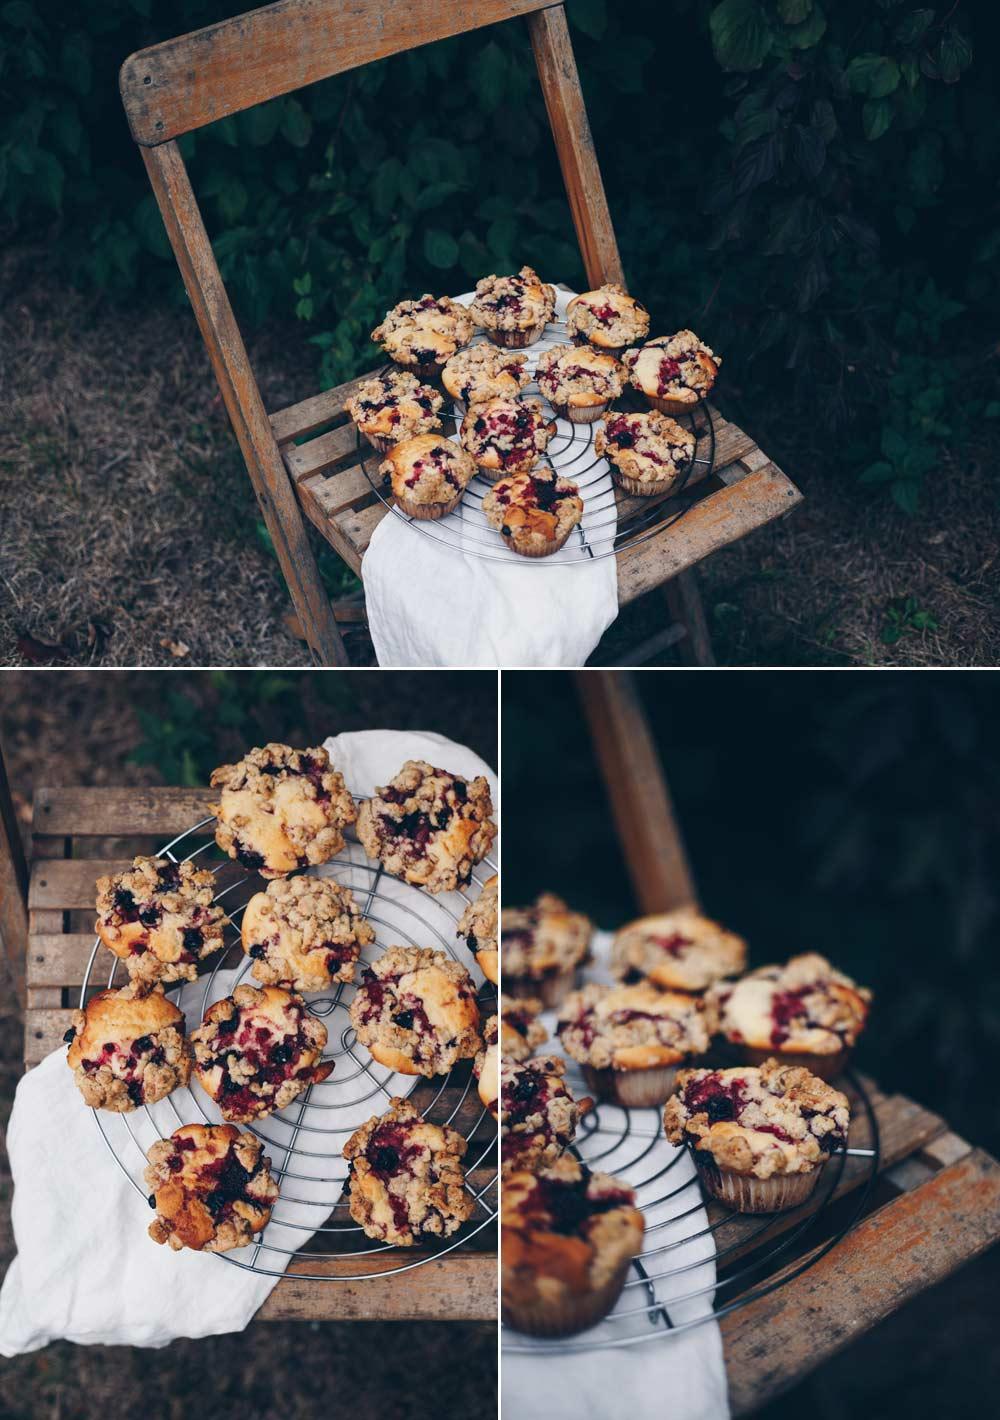 Muffins mit Waldbeeren und Walnussstreuseln backen - einfaches Grundrezept für einen Muffinteig mit Frischkäse